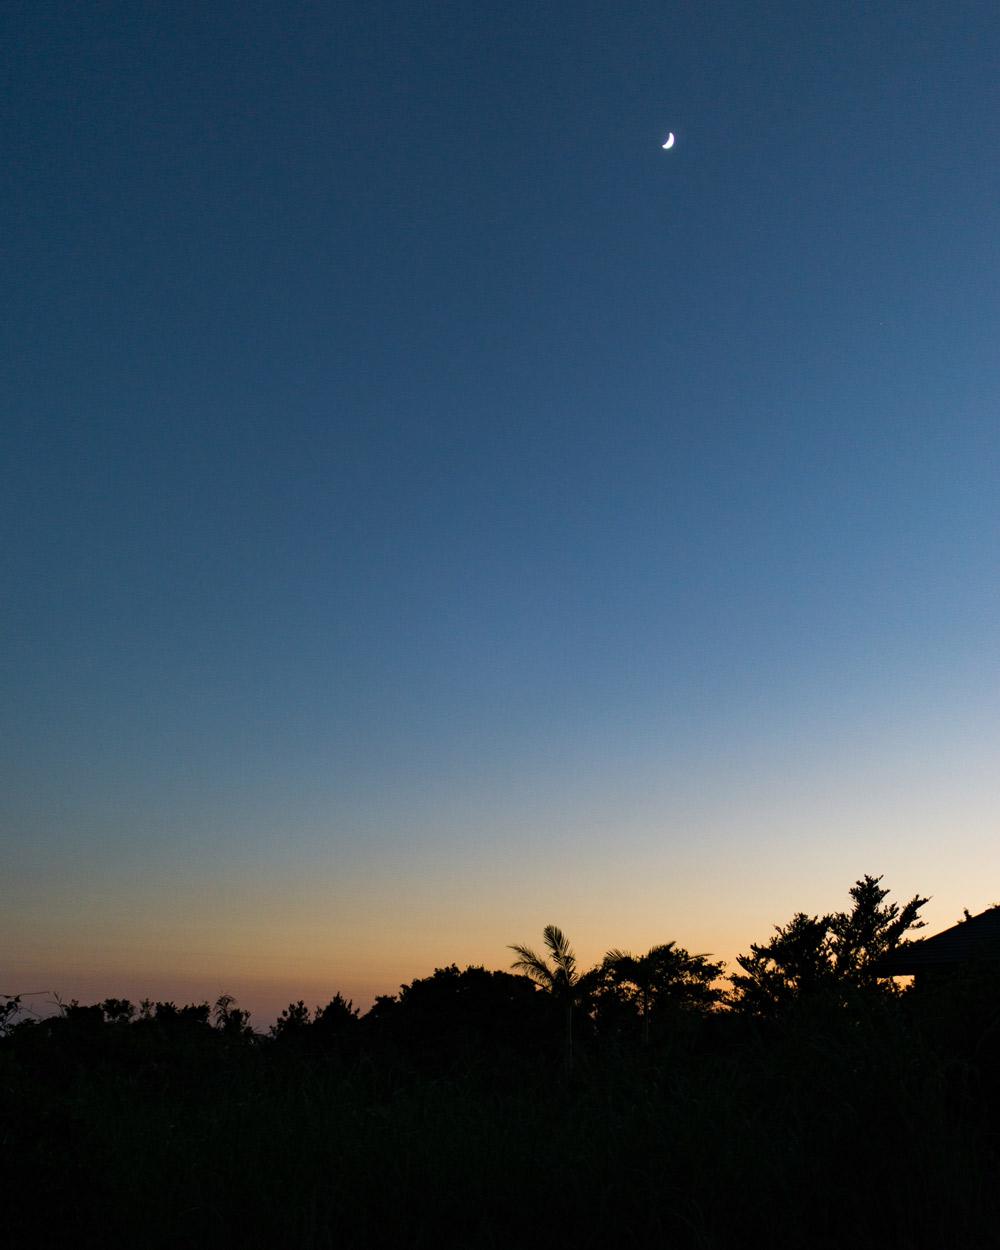 屋久島の夜空 サンセットタイム 月